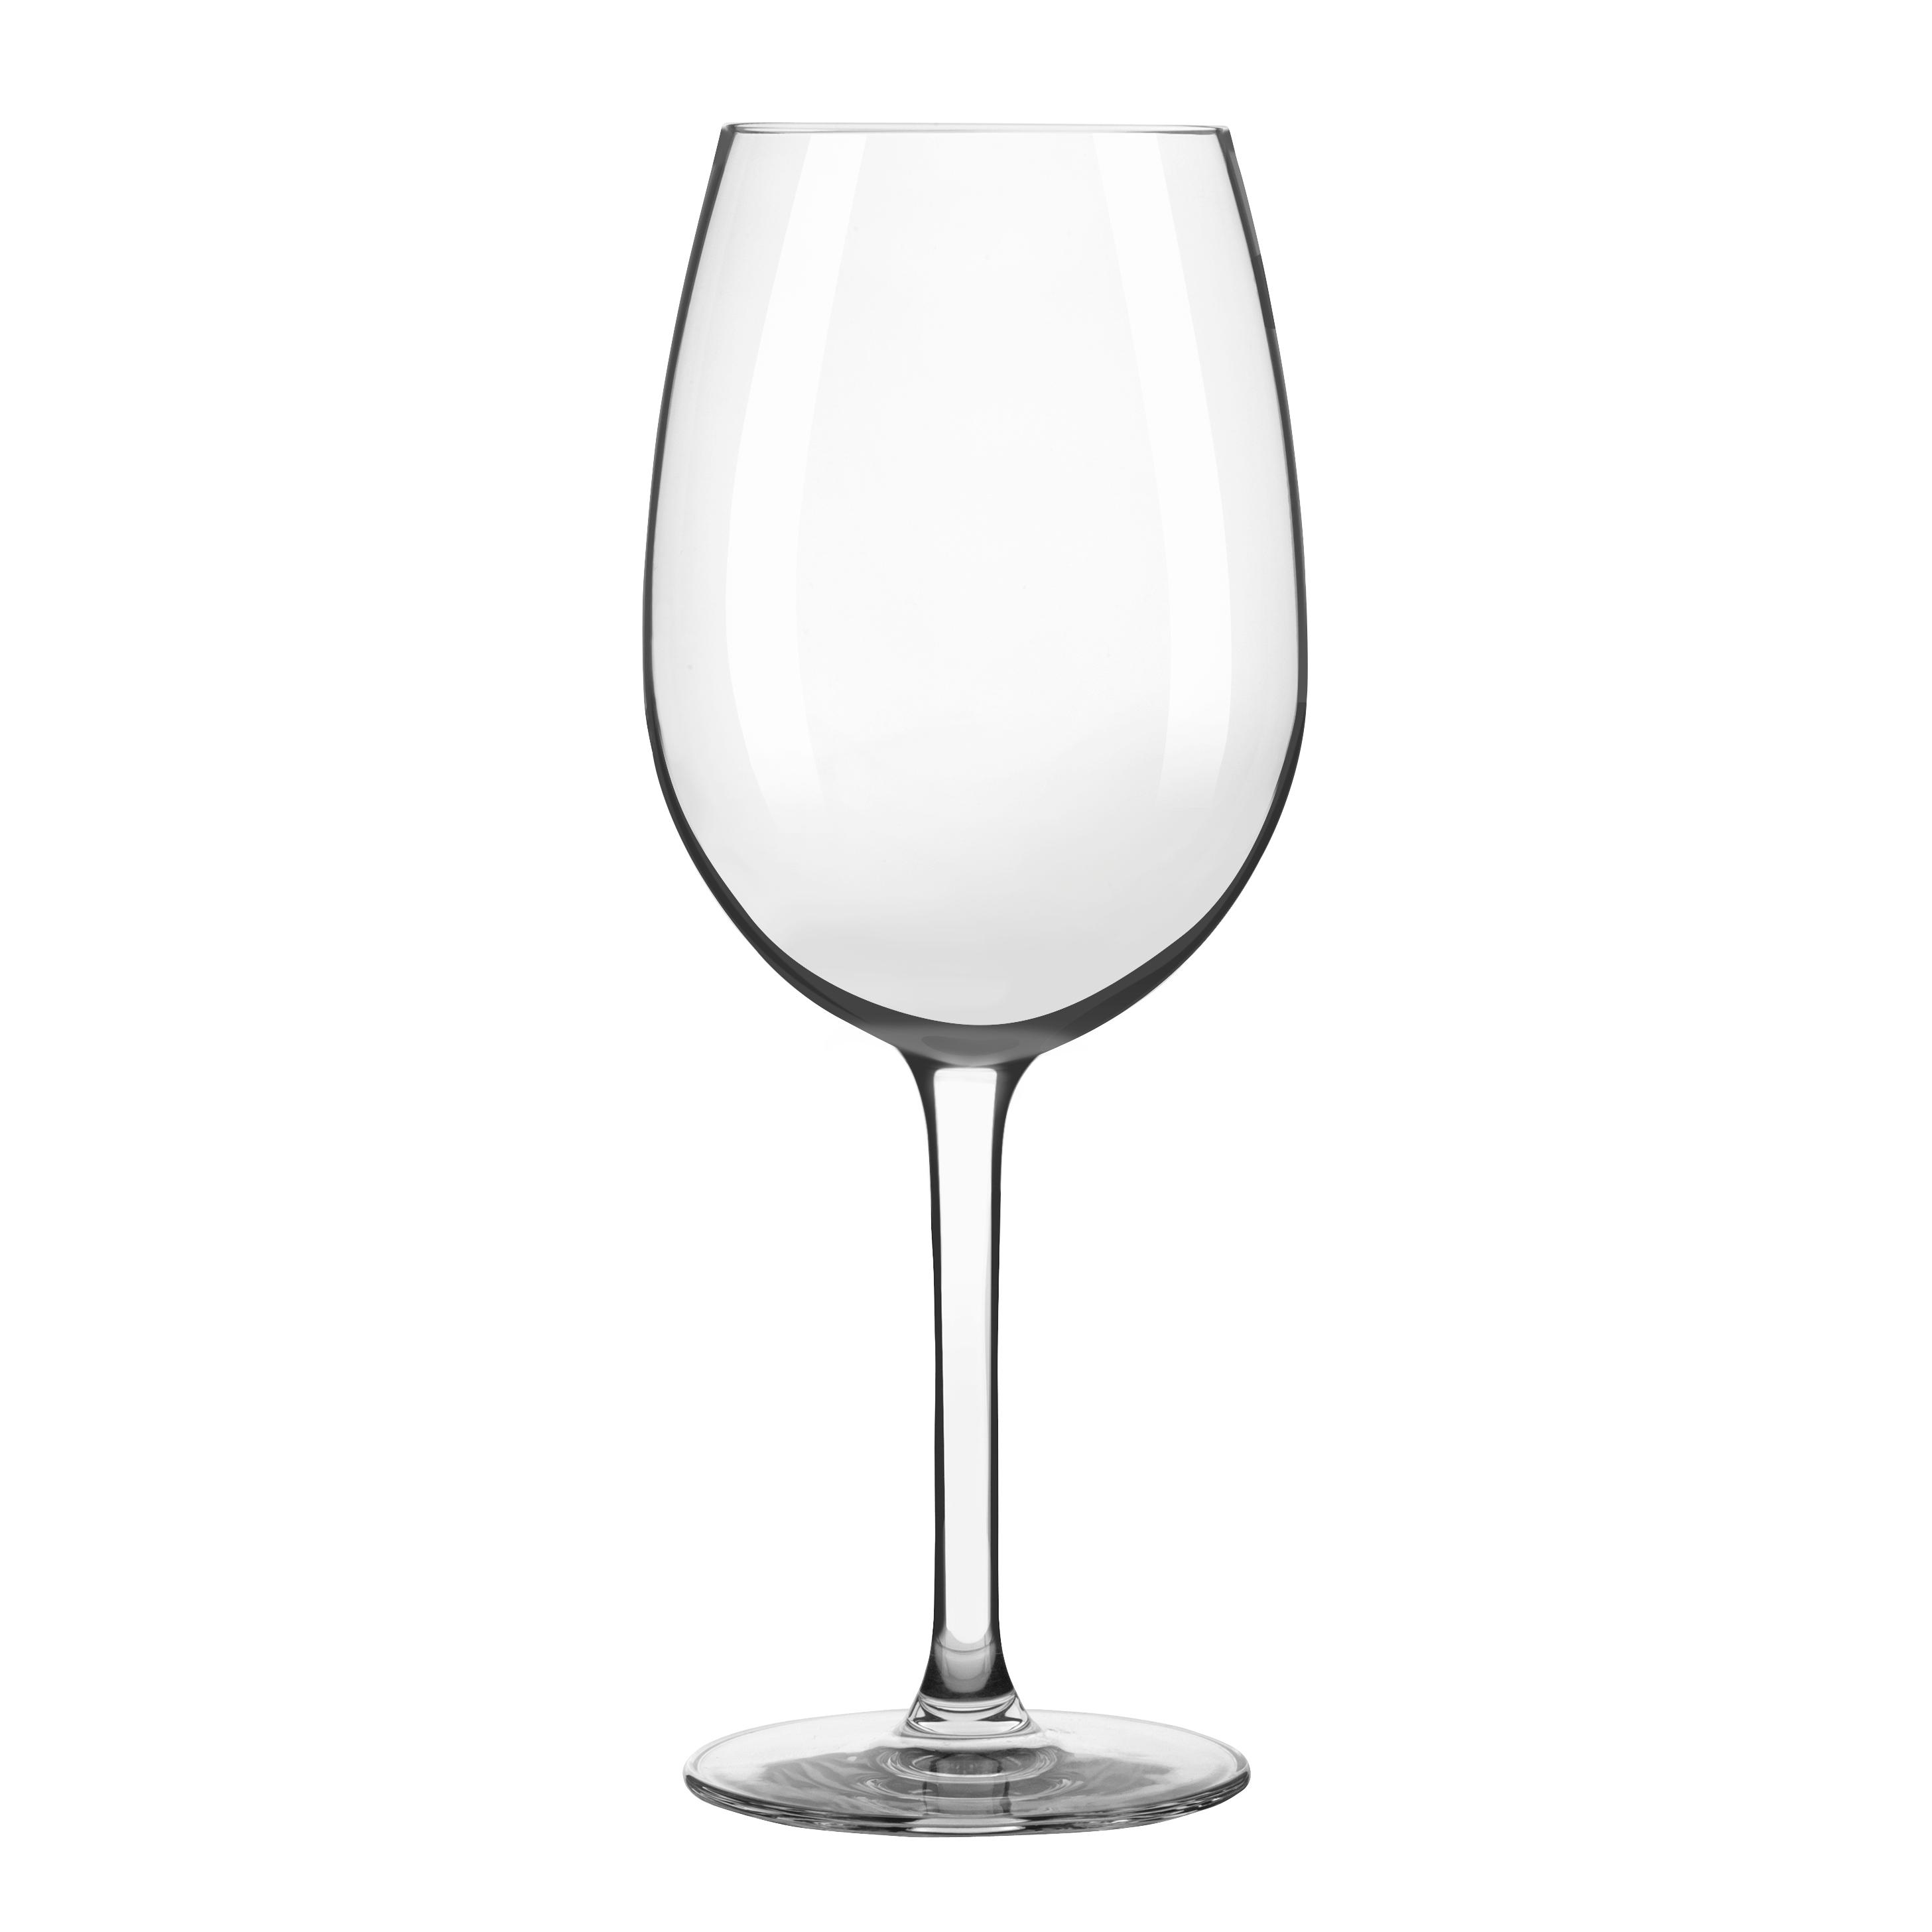 Libbey Glass 9152 glass, wine